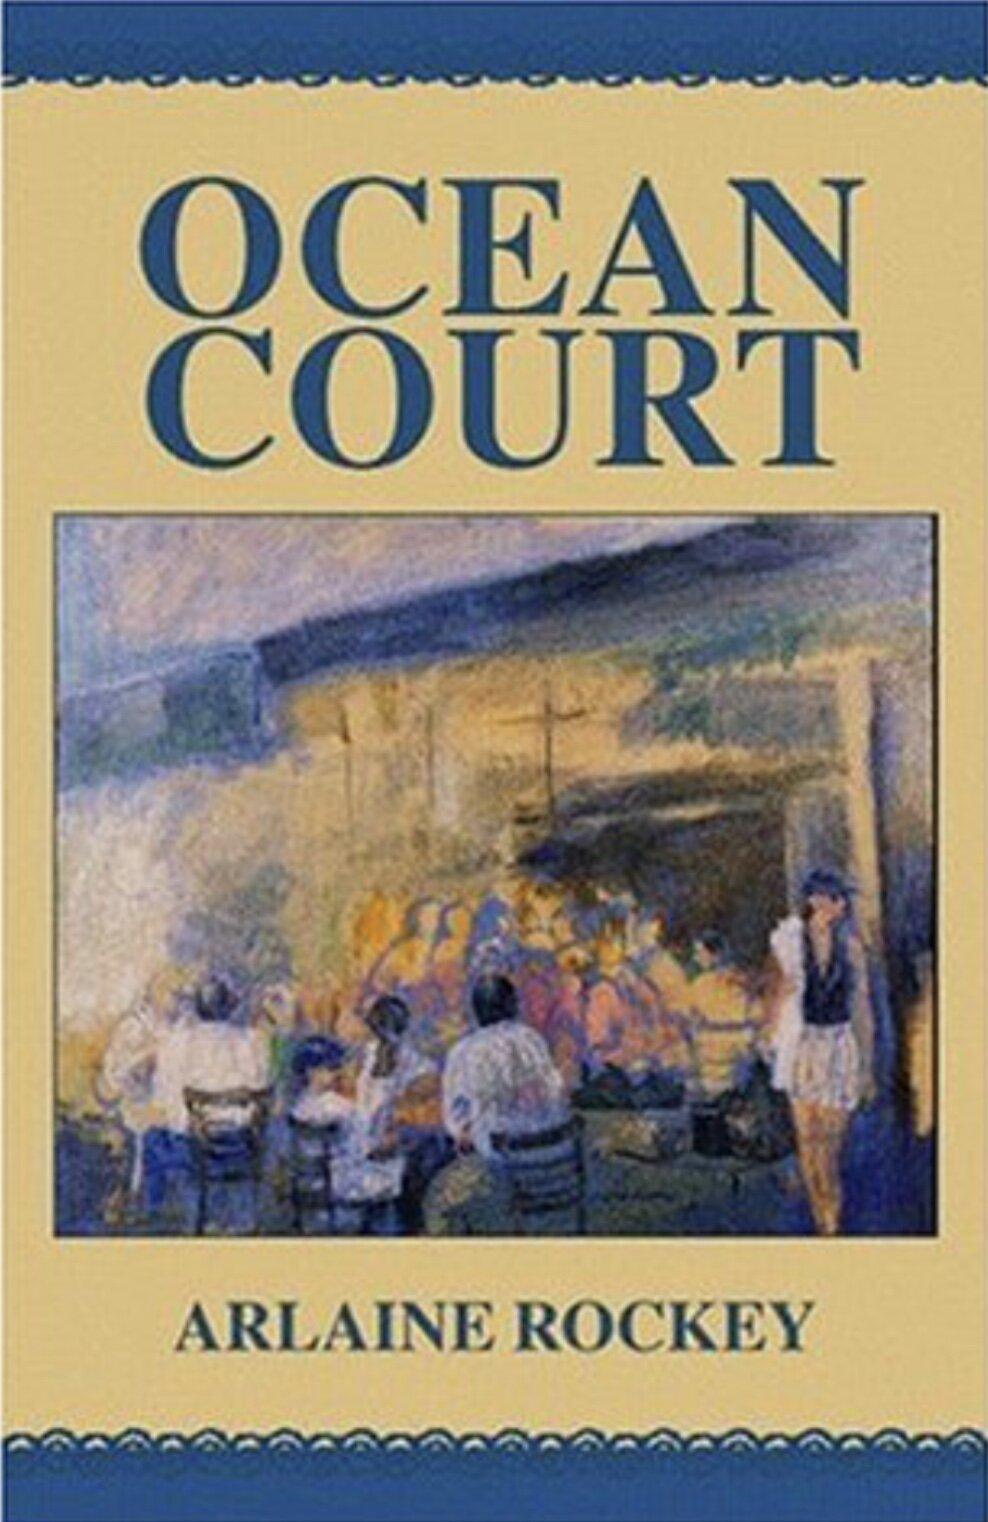 OCEAN COURT COVER.jpg